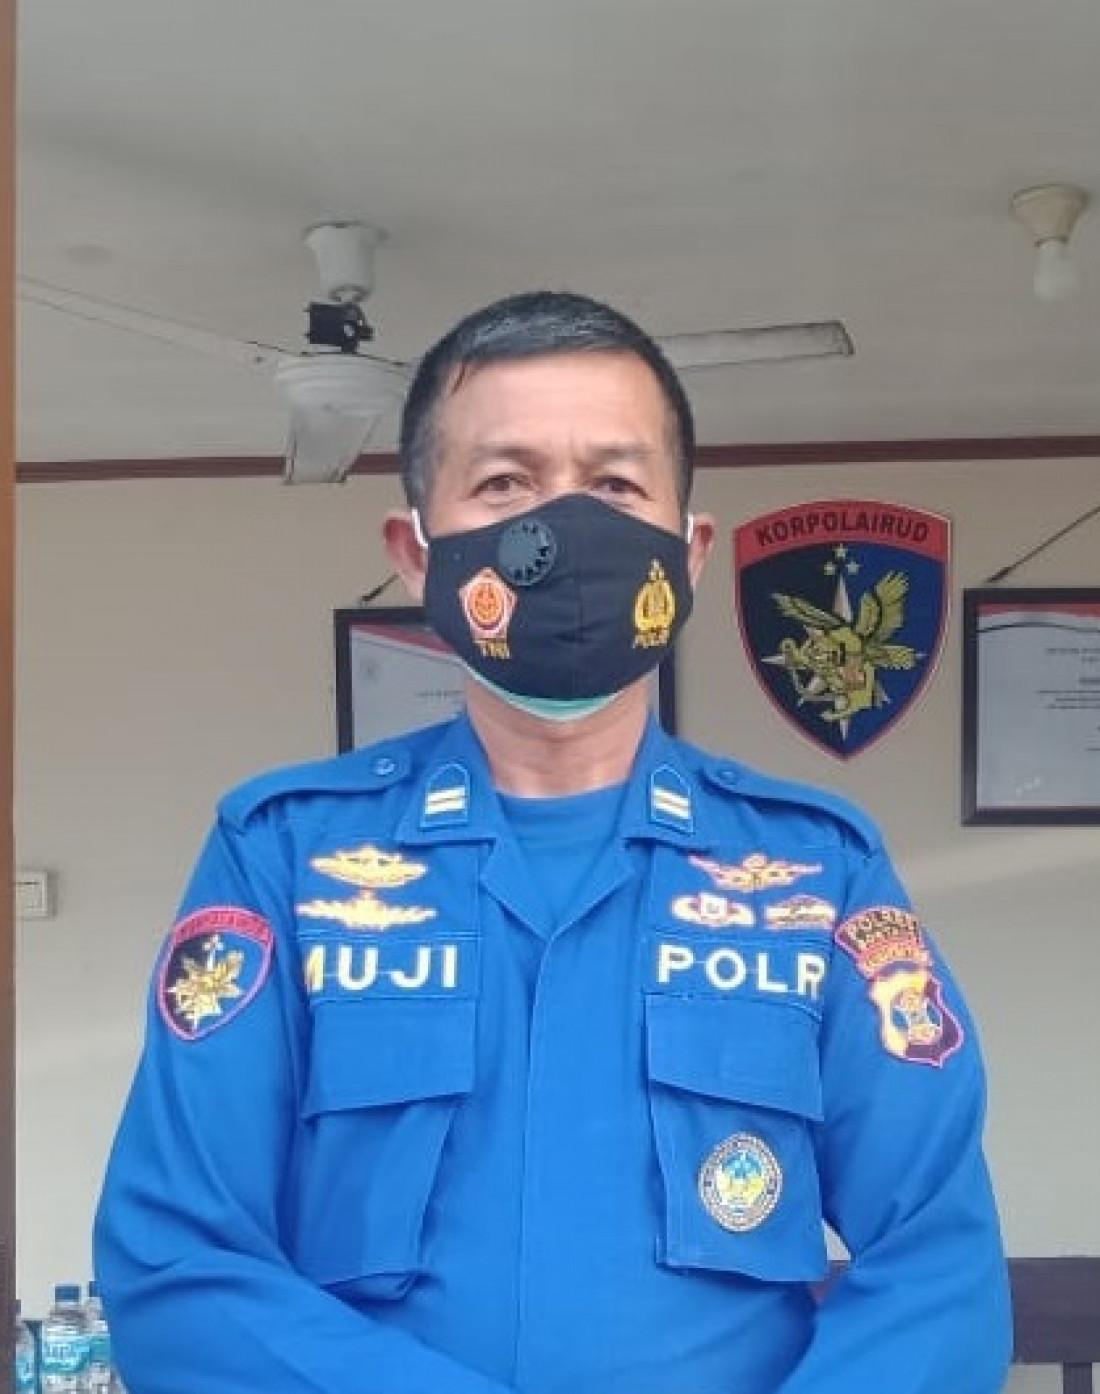 KBO Polairut Polres Bontang Iptu Edi Mujianto. (Foto: M.Safril)